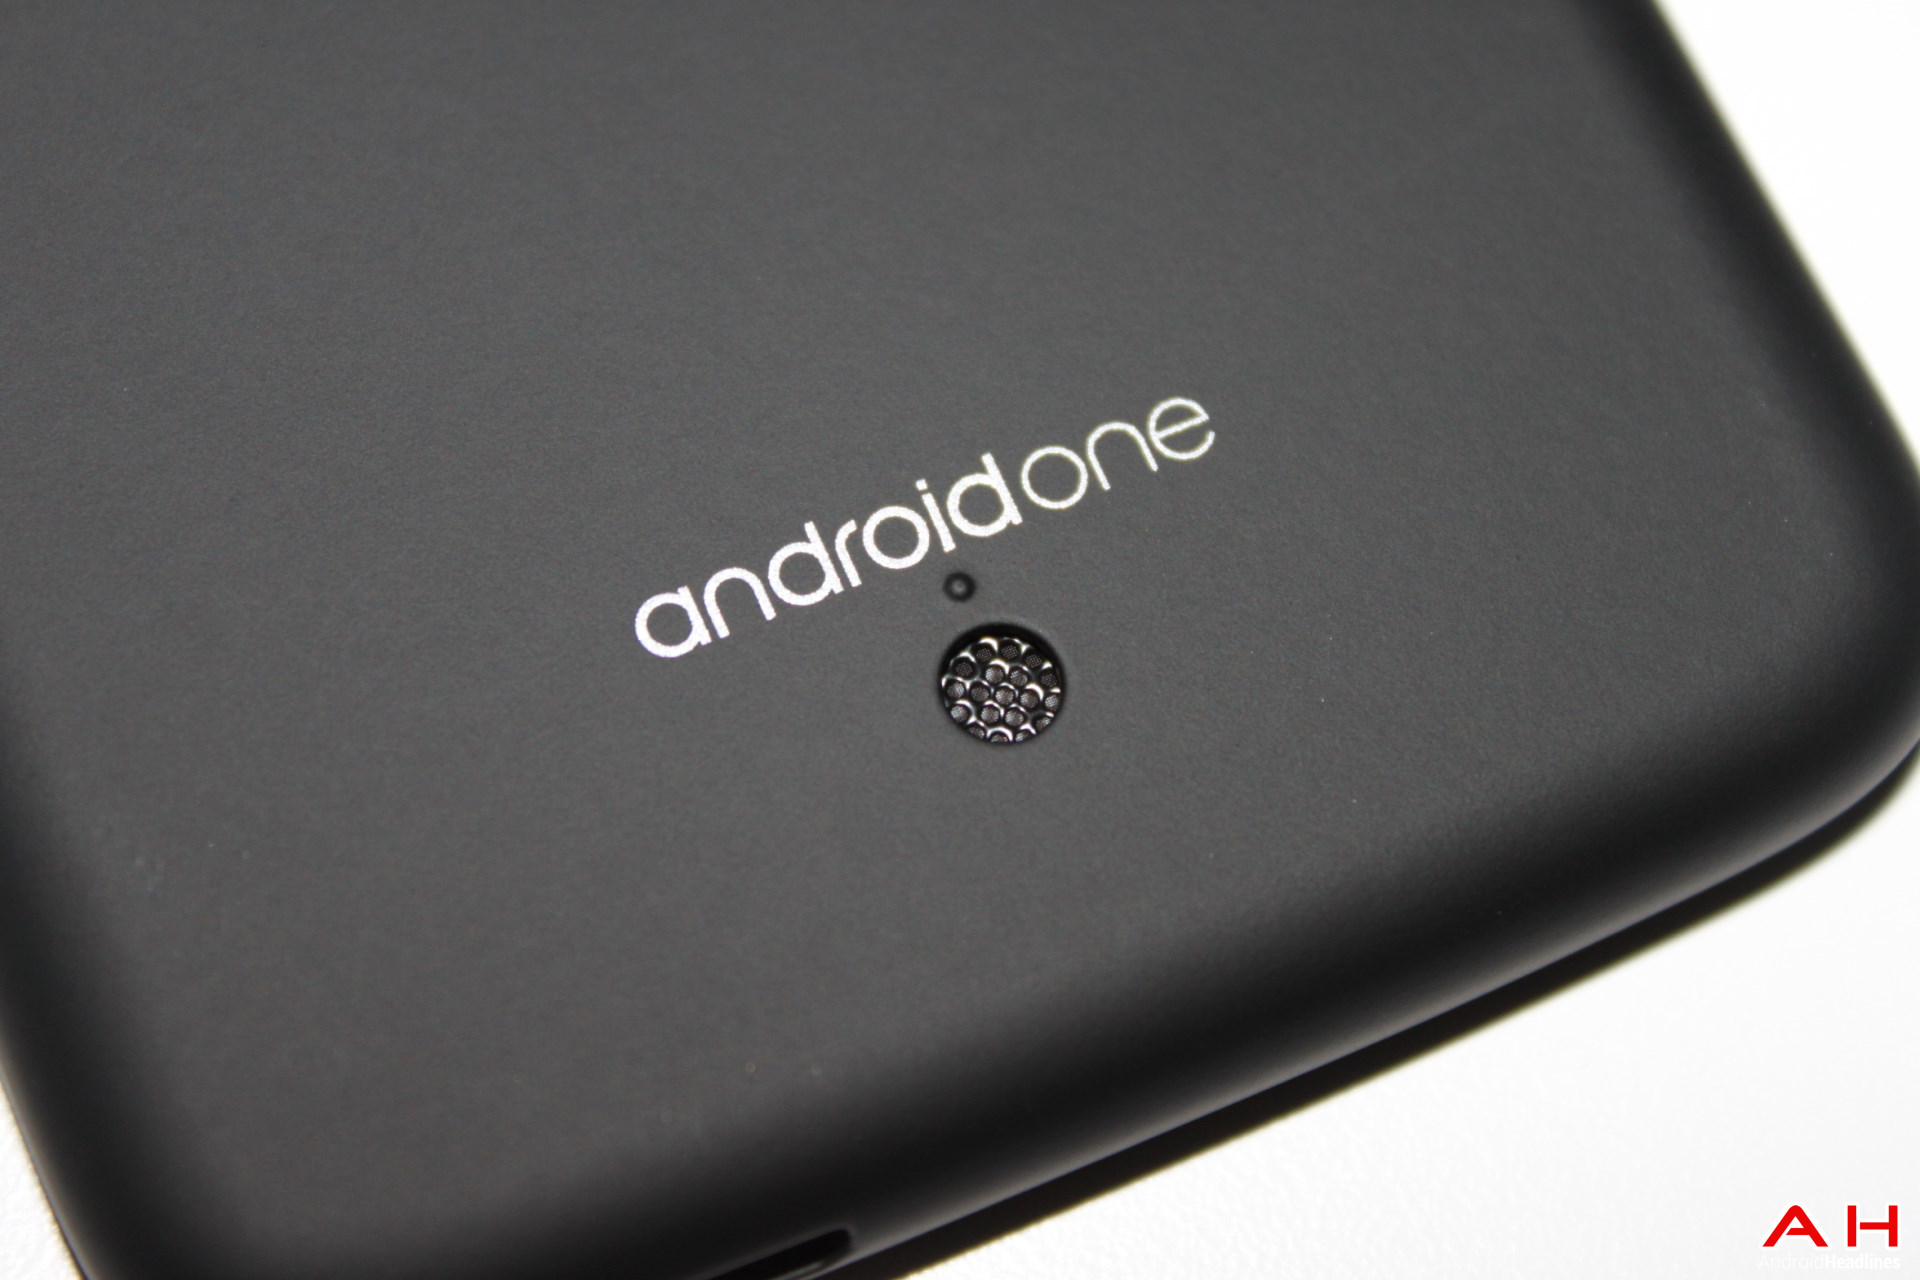 La empresa presentó un smartphone de bajo precio en seis países del continente